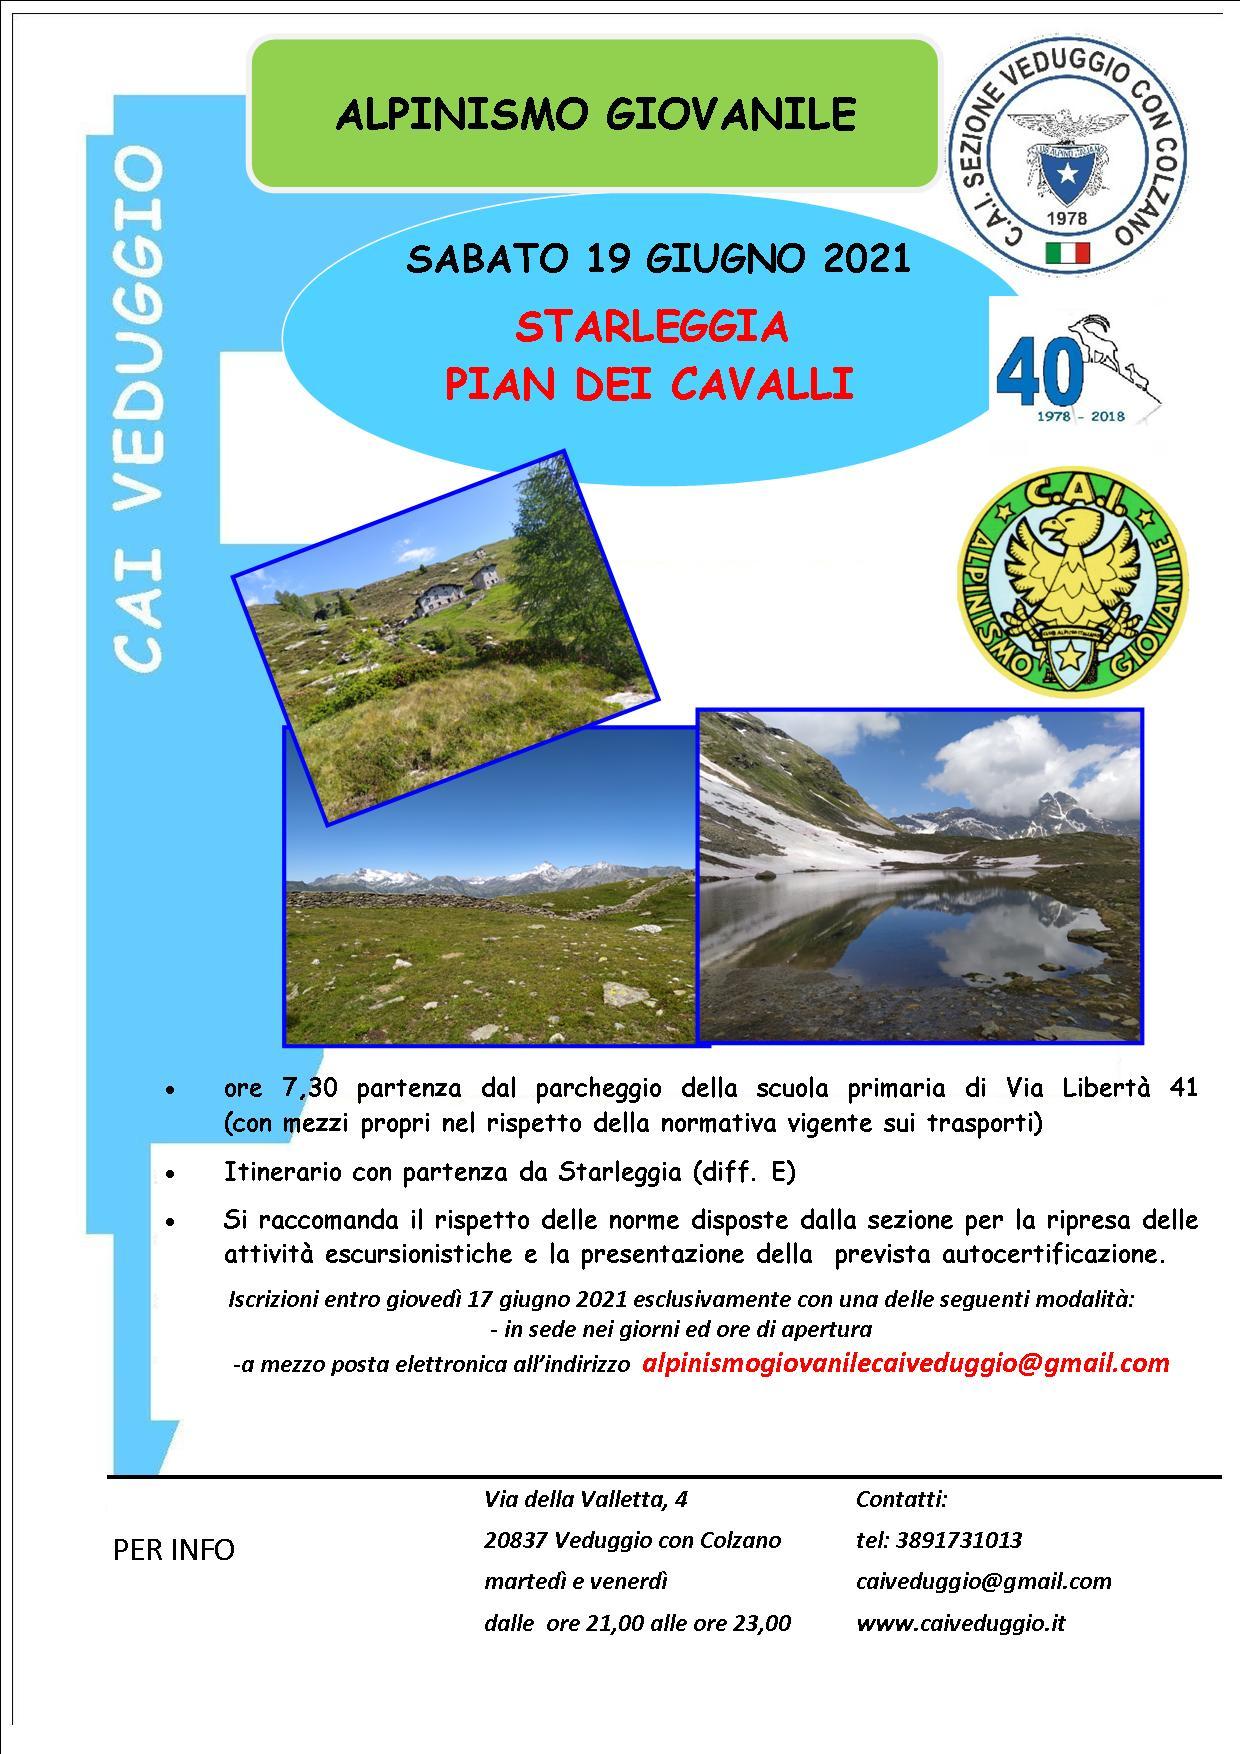 Sabato 19 giugno 2021 – Starleggia/Pian dei cavalli – Alpinismo giovanile